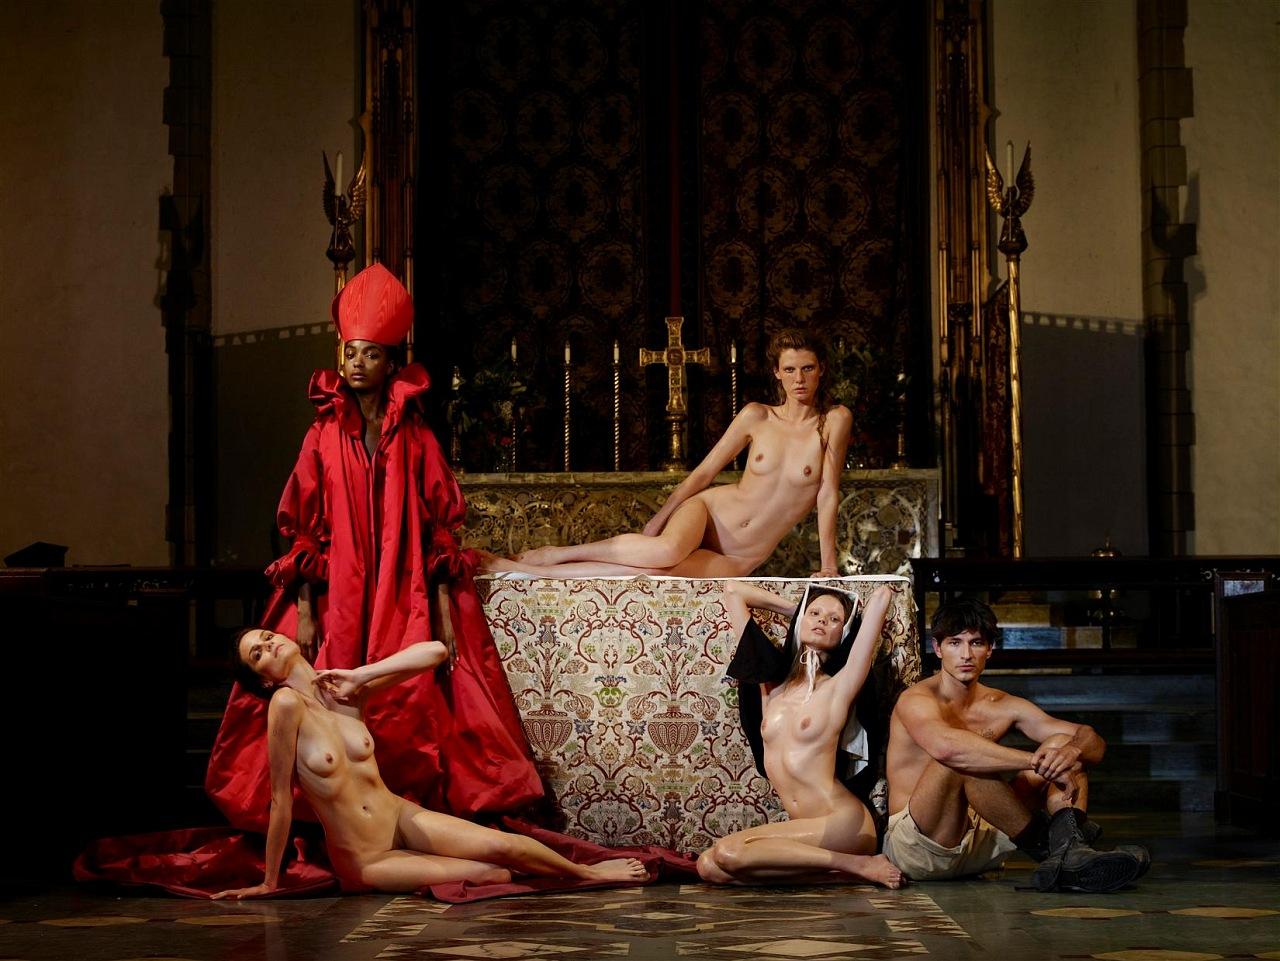 Рассказы про еблю монашек в монастыре фото 690-309